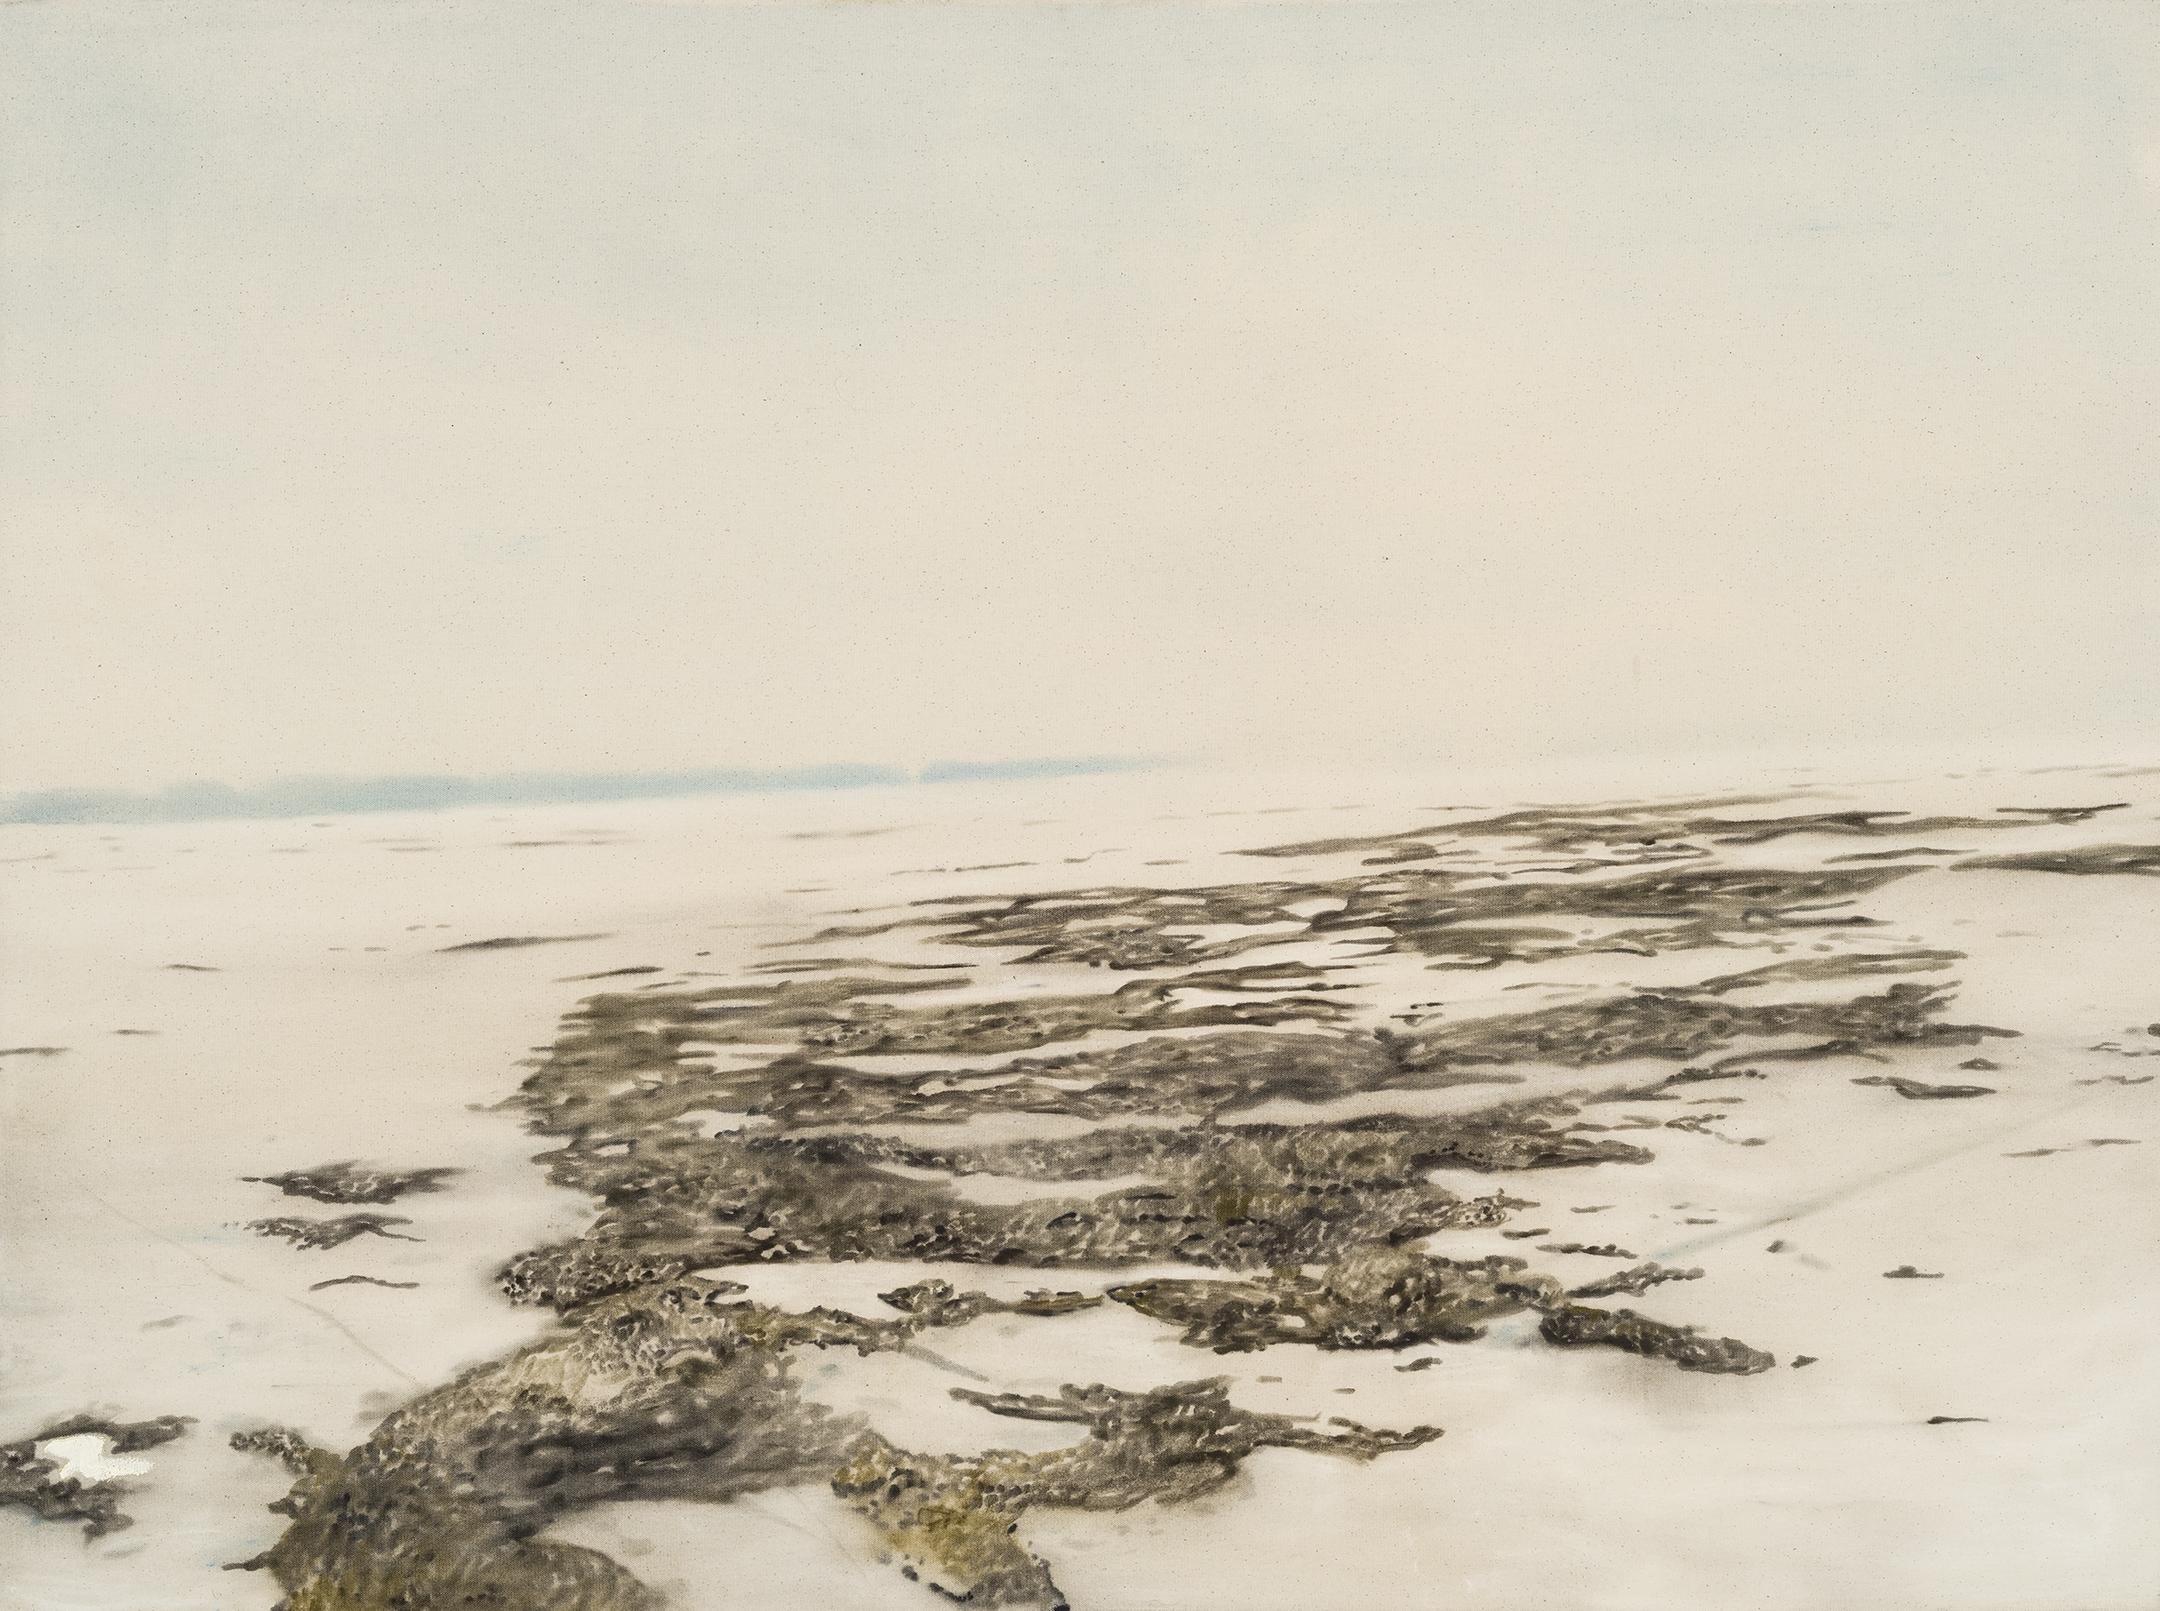 Paysage nordique 8 , 2016. Huile et fusain sur toile, 36 x 48 pouces